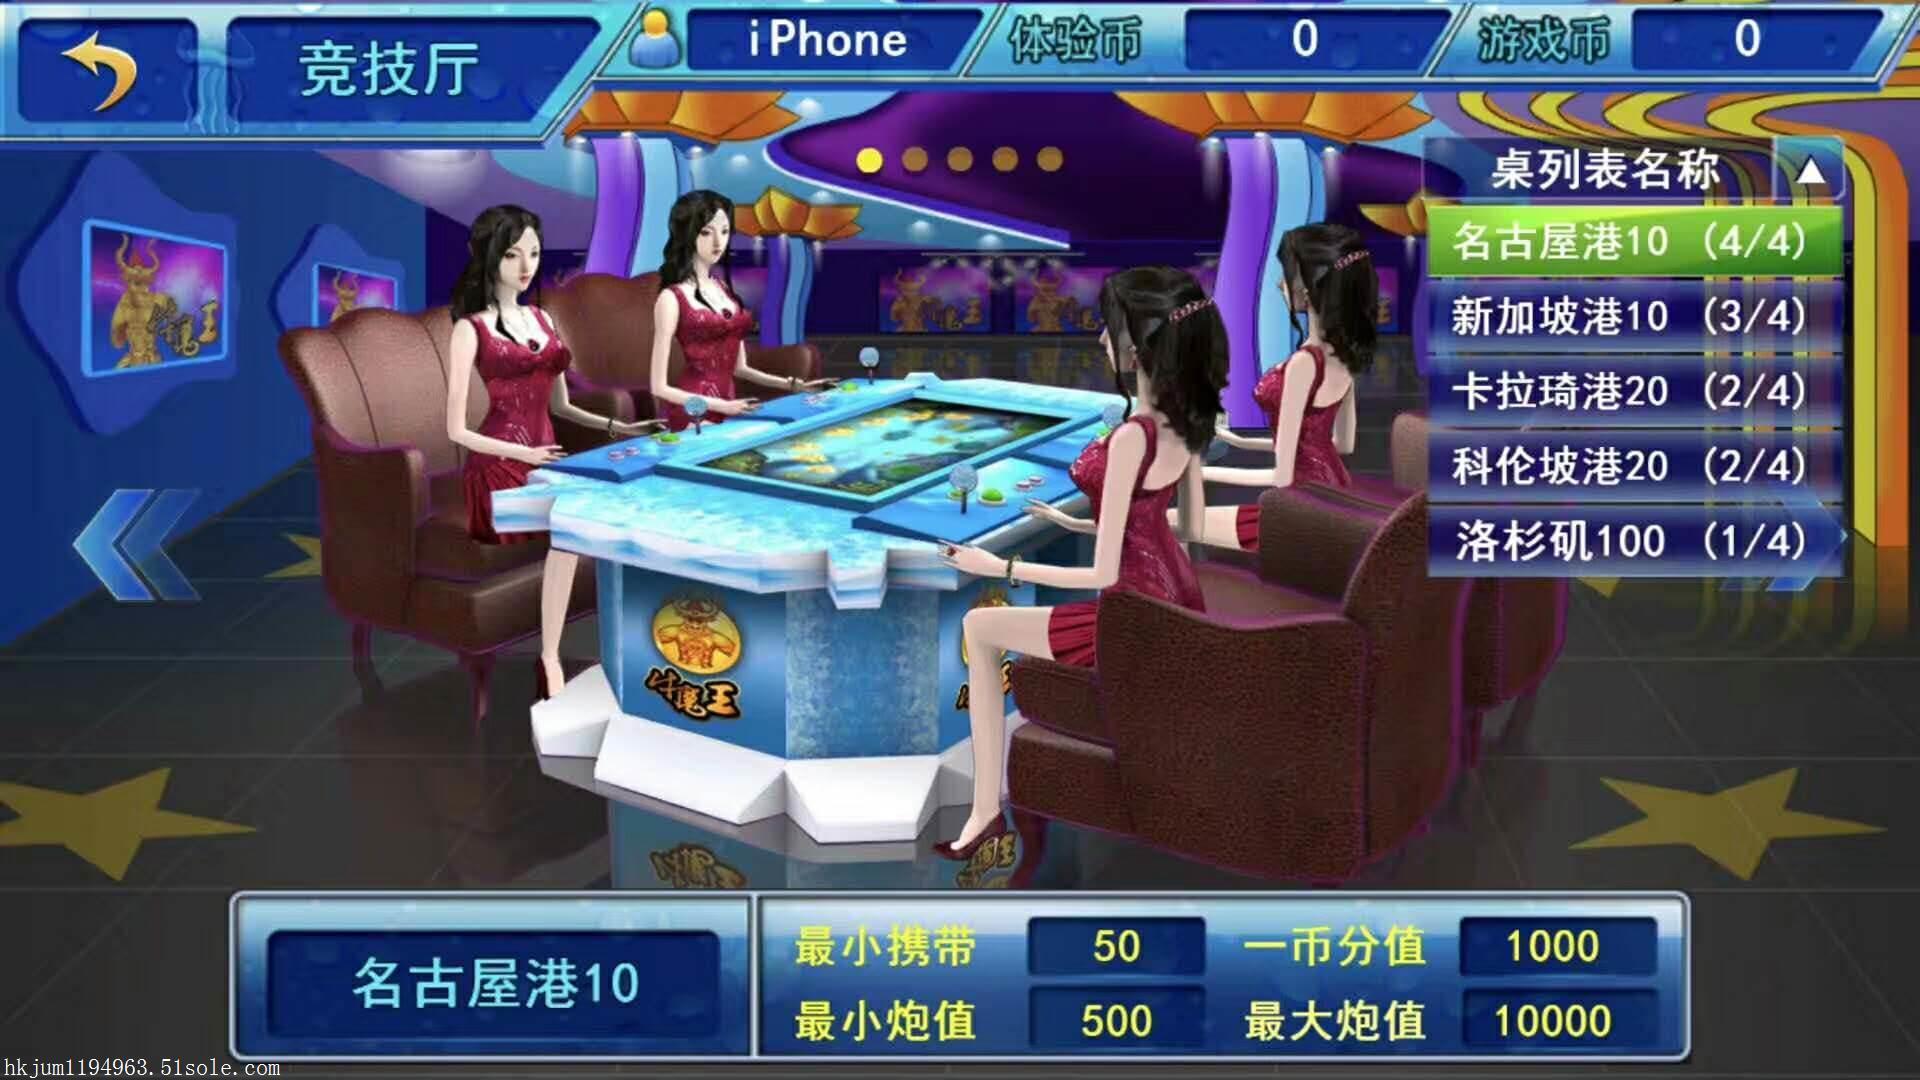 正版星力7代捕鱼电玩城星力捕鱼游戏